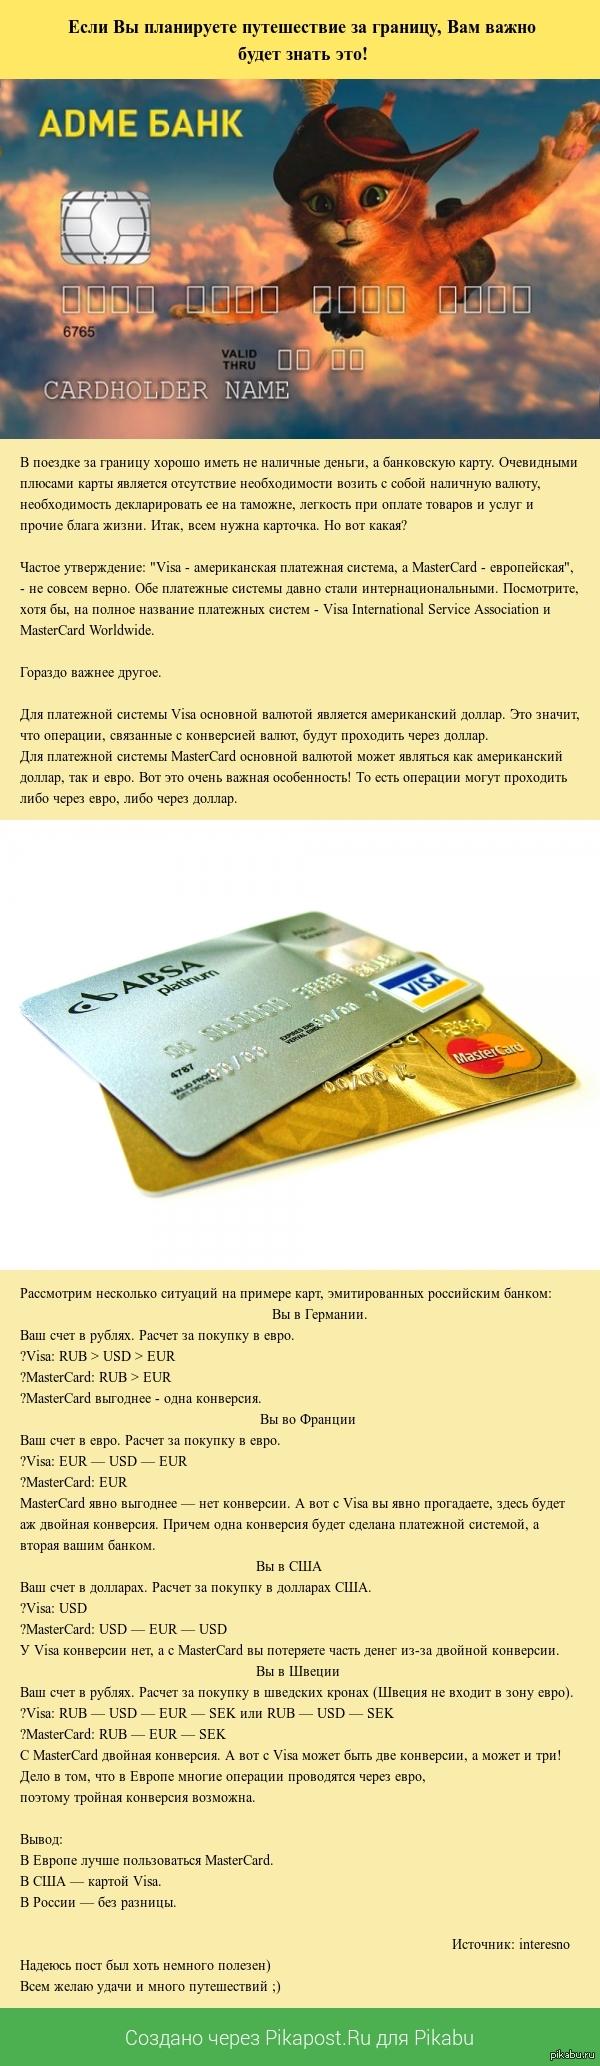 А Вы знаете в чем отличие карт Visa от Mastercard? Давайте попробуем разобраться)